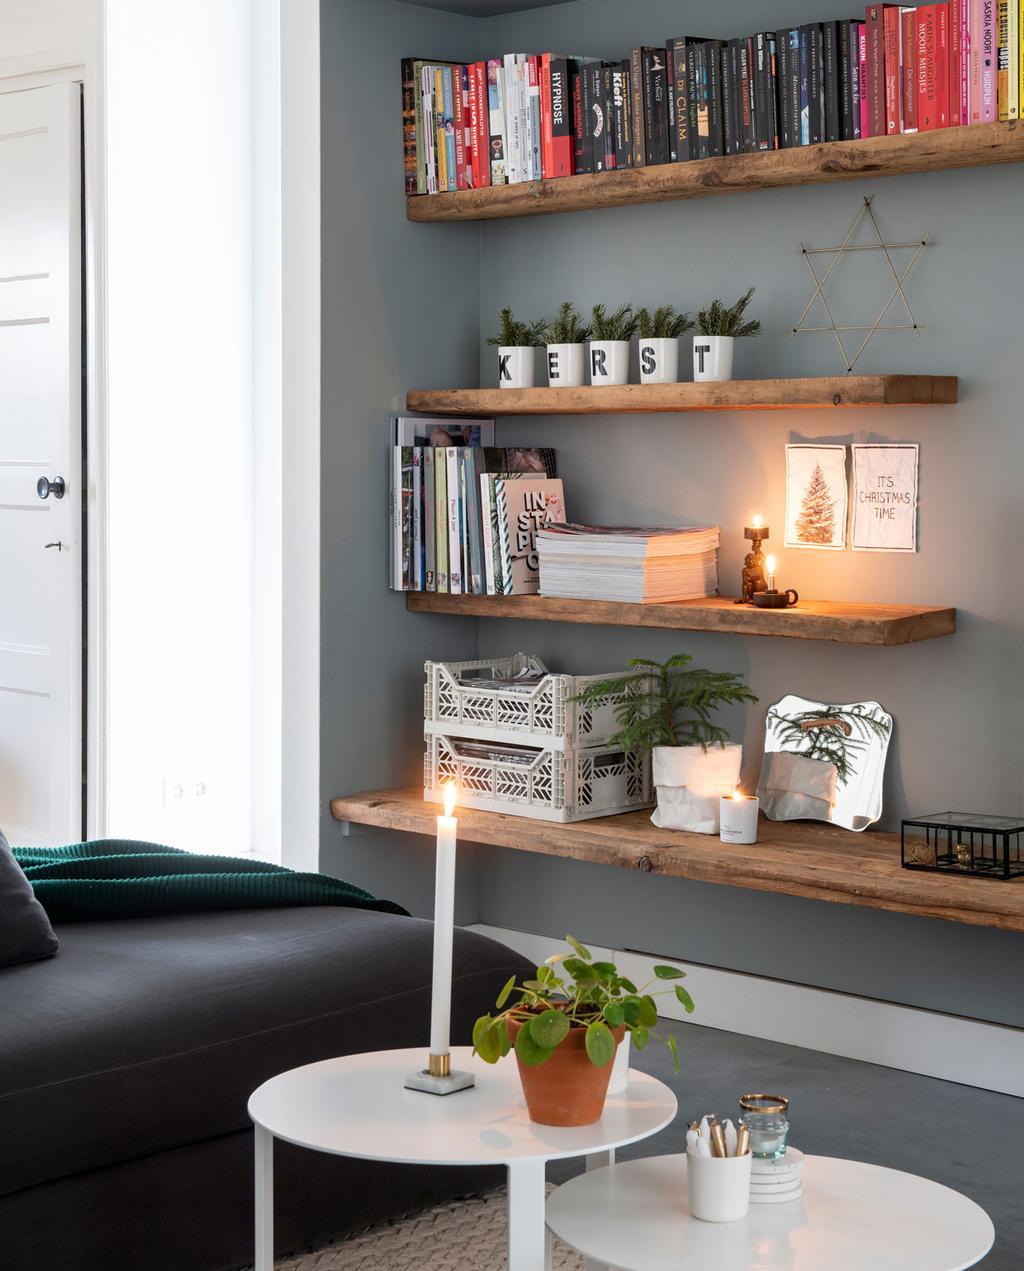 vtwonen 12-2019 | Binnenkijken in een vrijstaand huis in Geleen woonkamer boekenplank